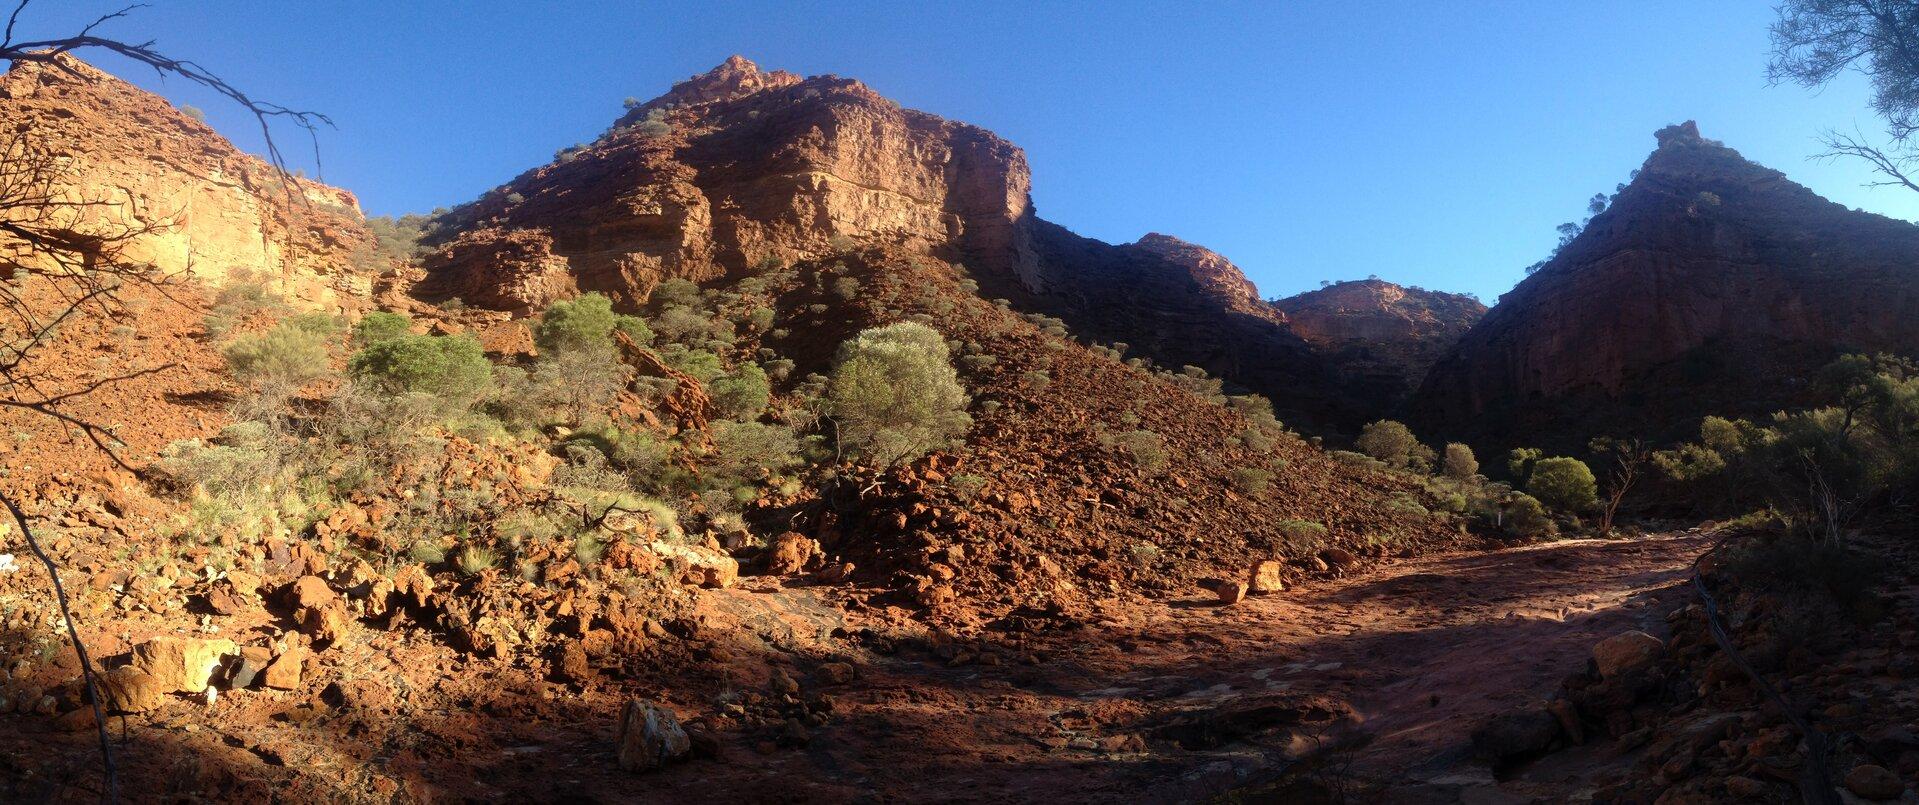 Fotografia przedstawia krajobraz zachodniego wybrzeża Australii. Na pierwszym planie uschnięte drzewo na czerwonej, spękanej ziemi. Nieliczne krzewy itrawa wpobliżu wody zlewej. Wtle pas cienkich drzew oniewielkich koronach.